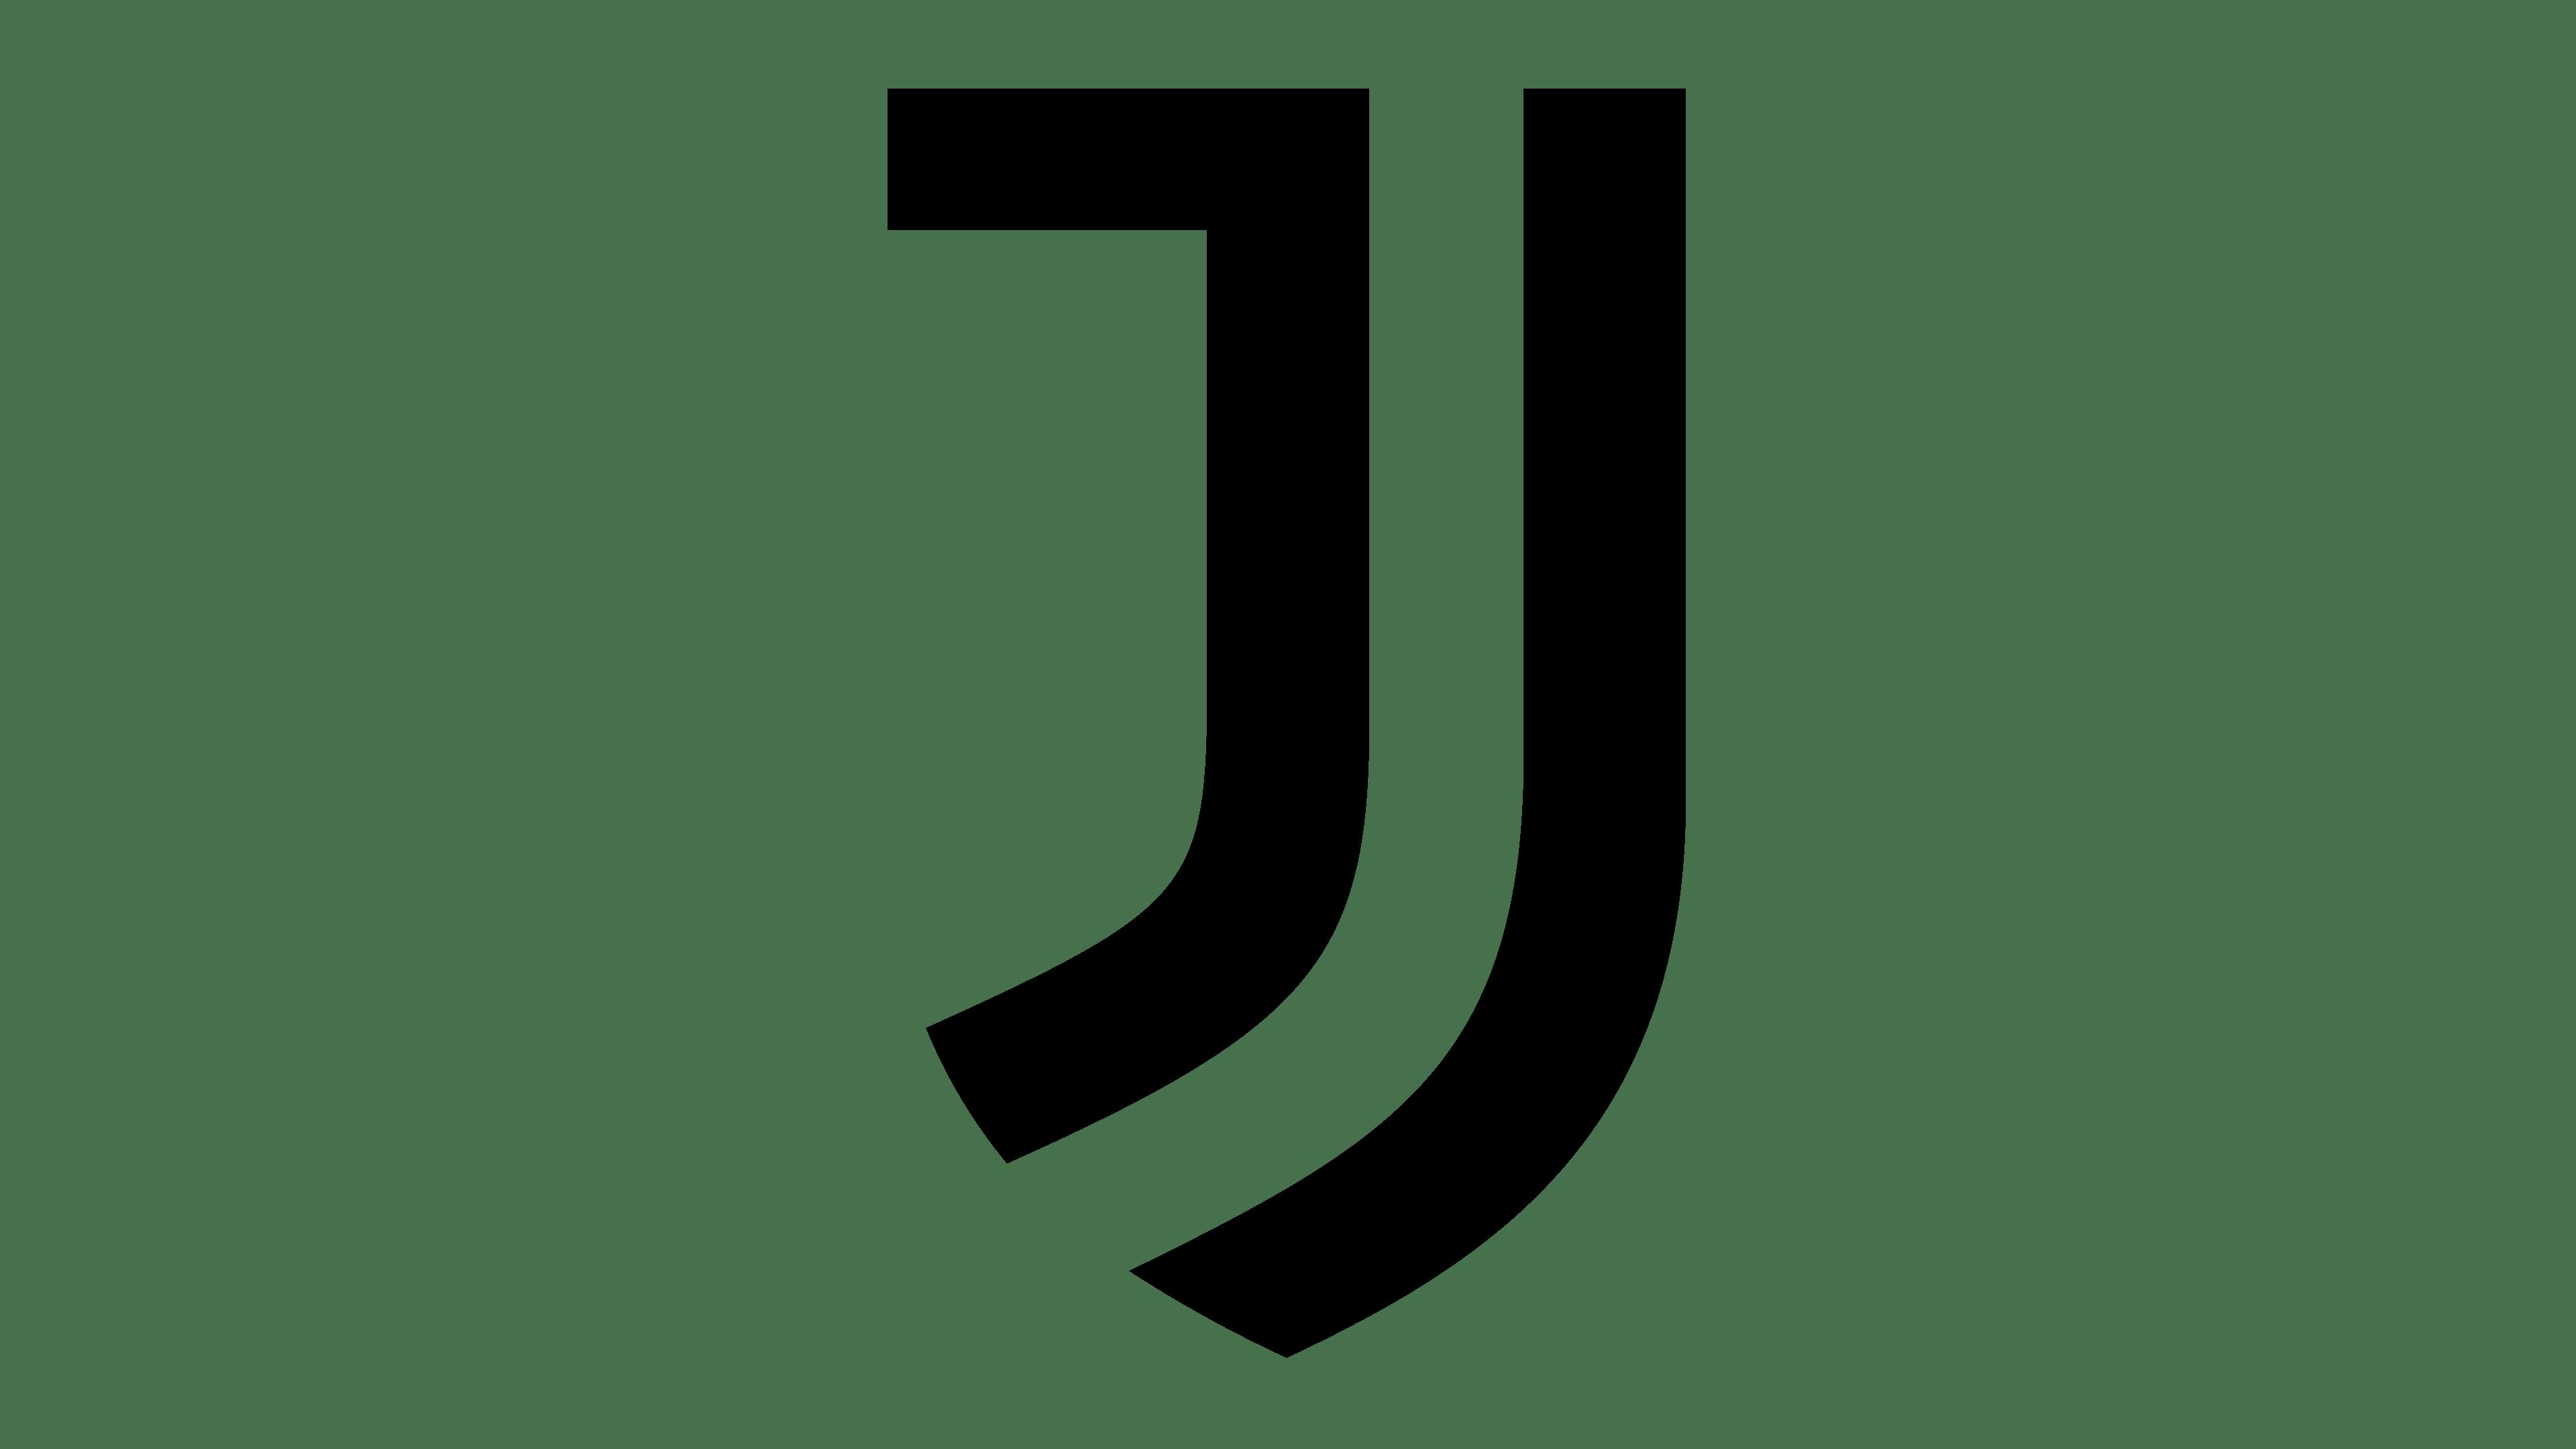 Ювентус Логотип / Juventus F.C. - Wikipedia : On july 1 ...